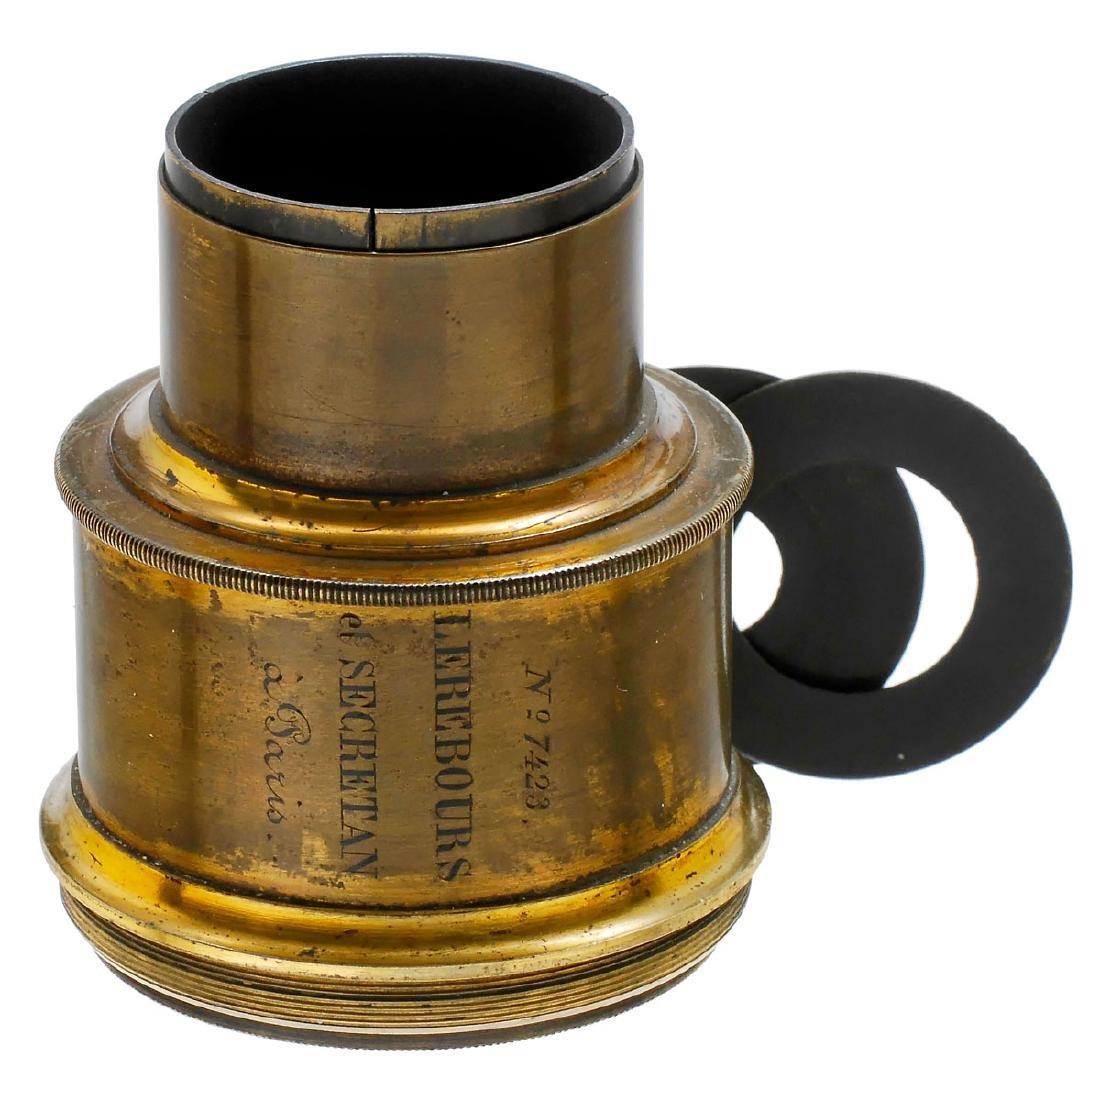 Daguerreotype Lens by Lerebours et Secretan, c. 1855